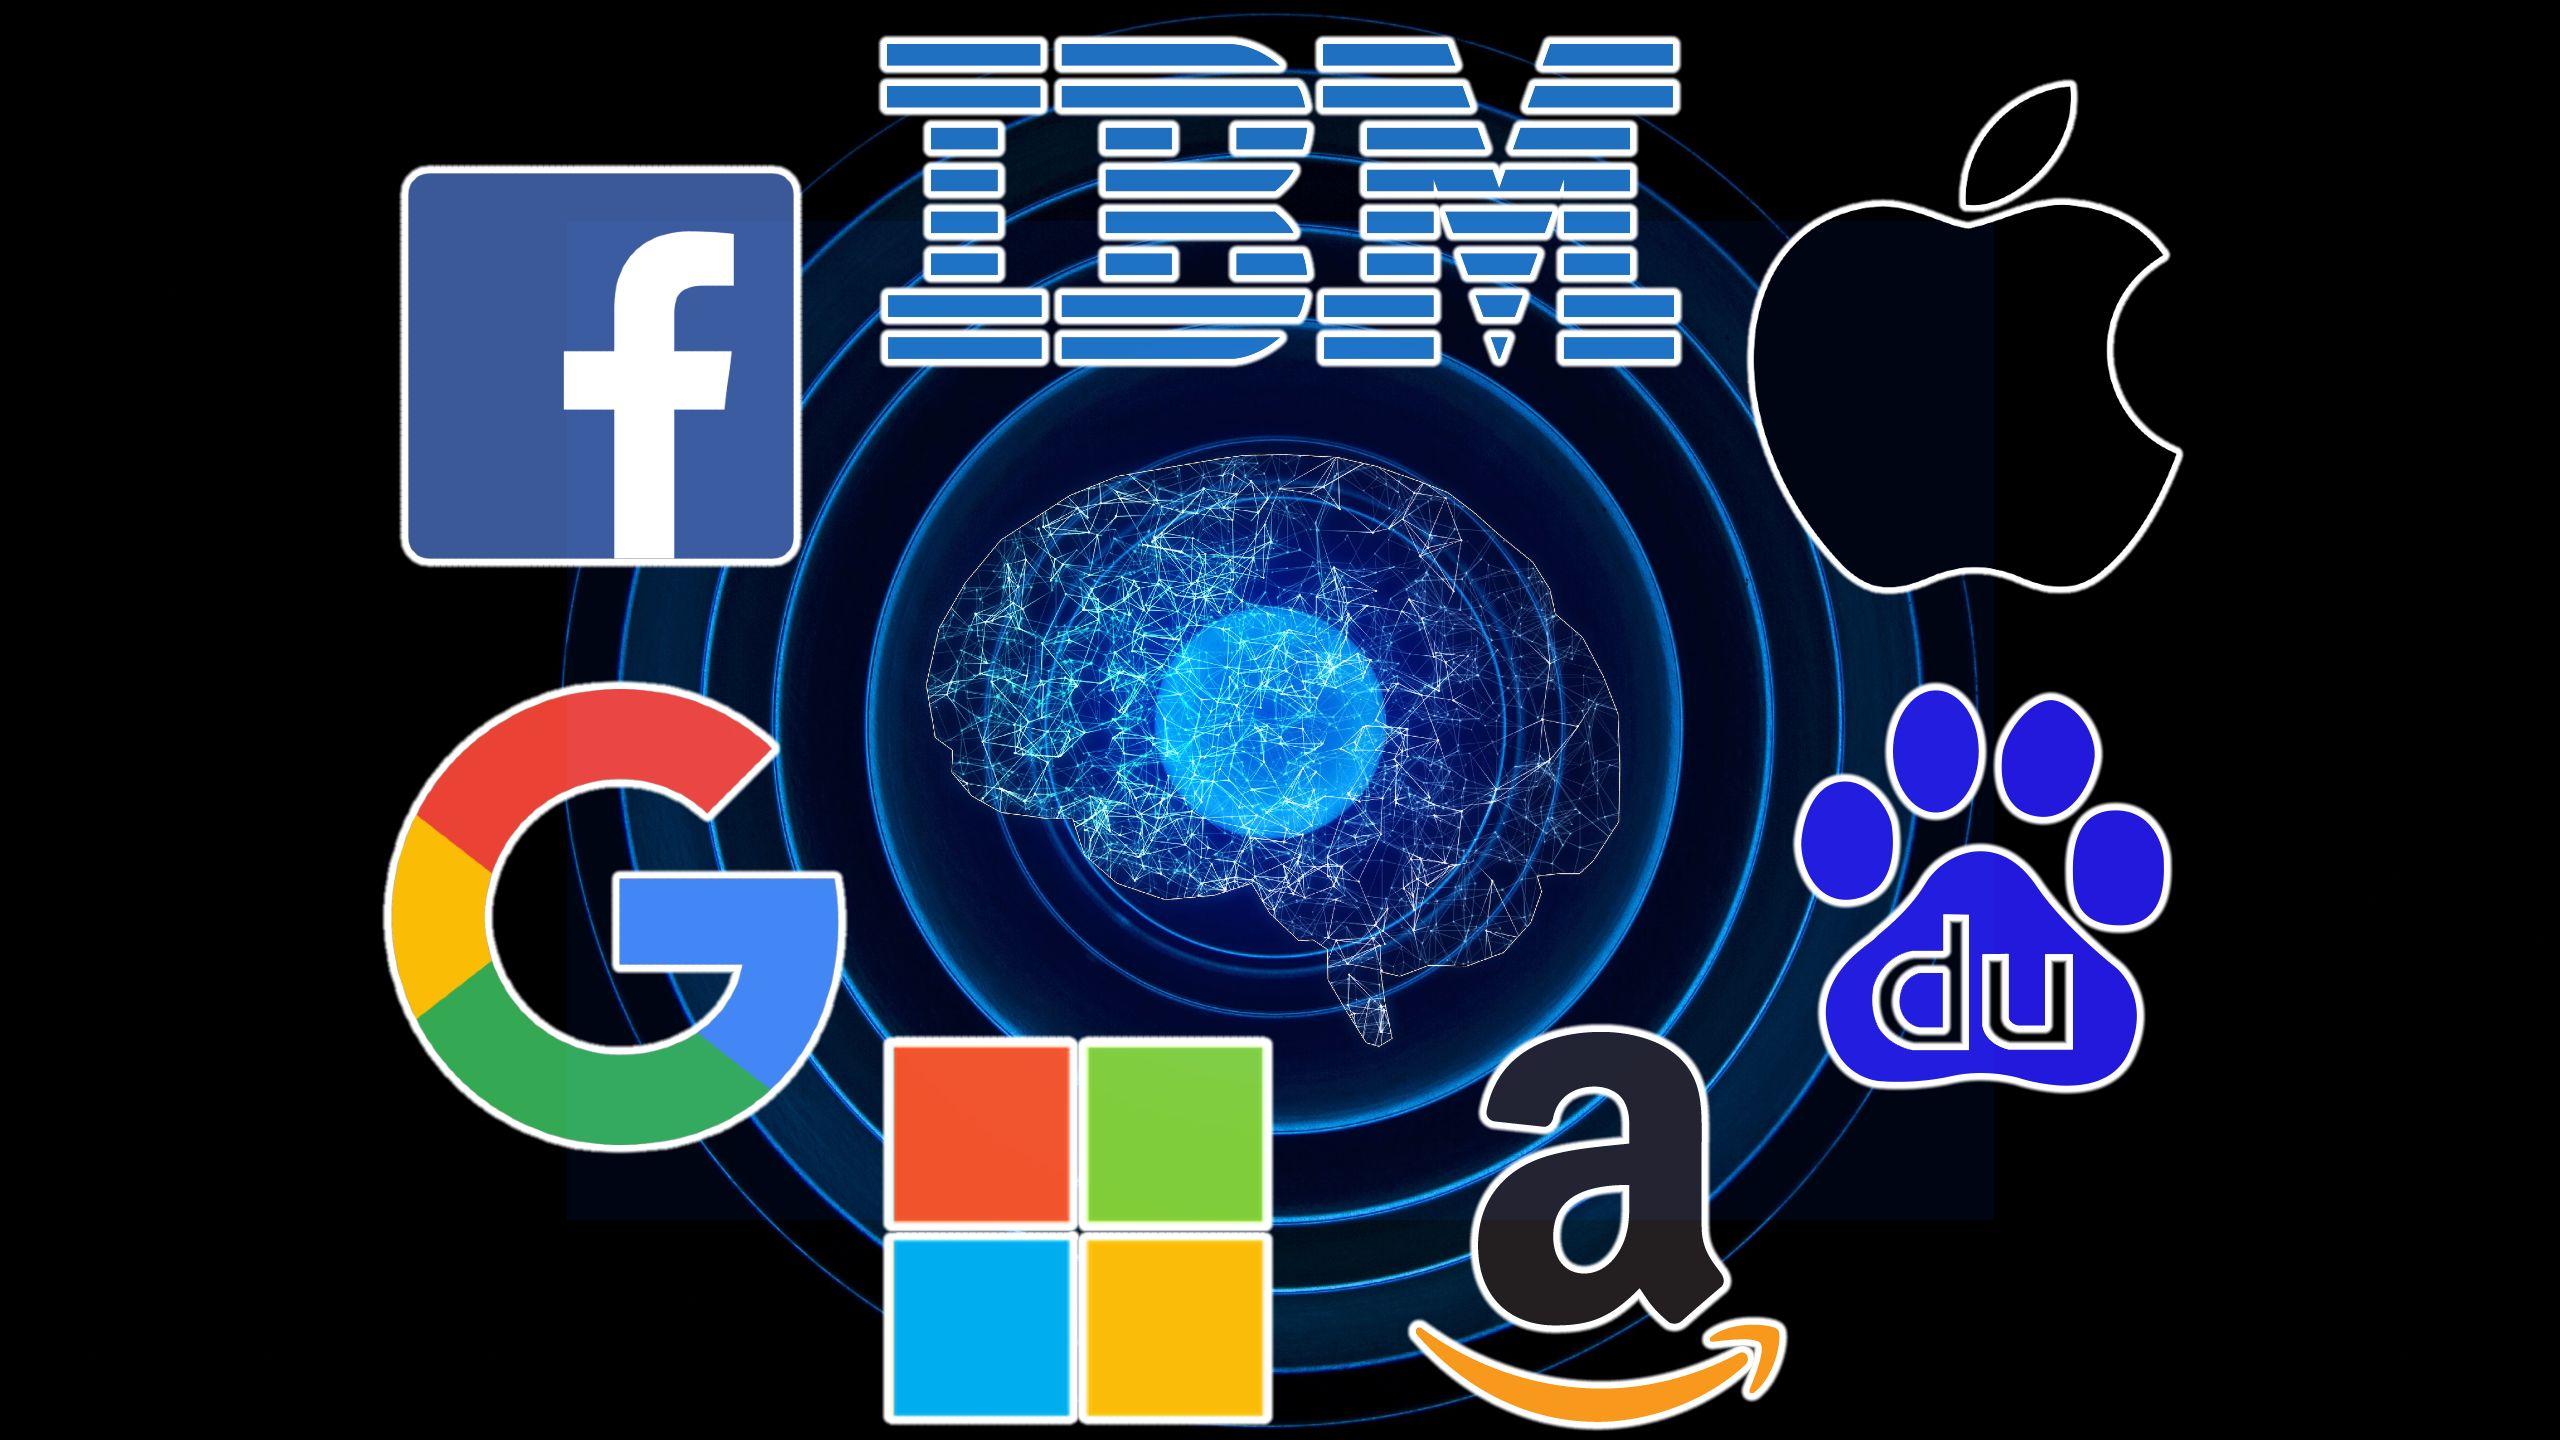 Tech giants and AI